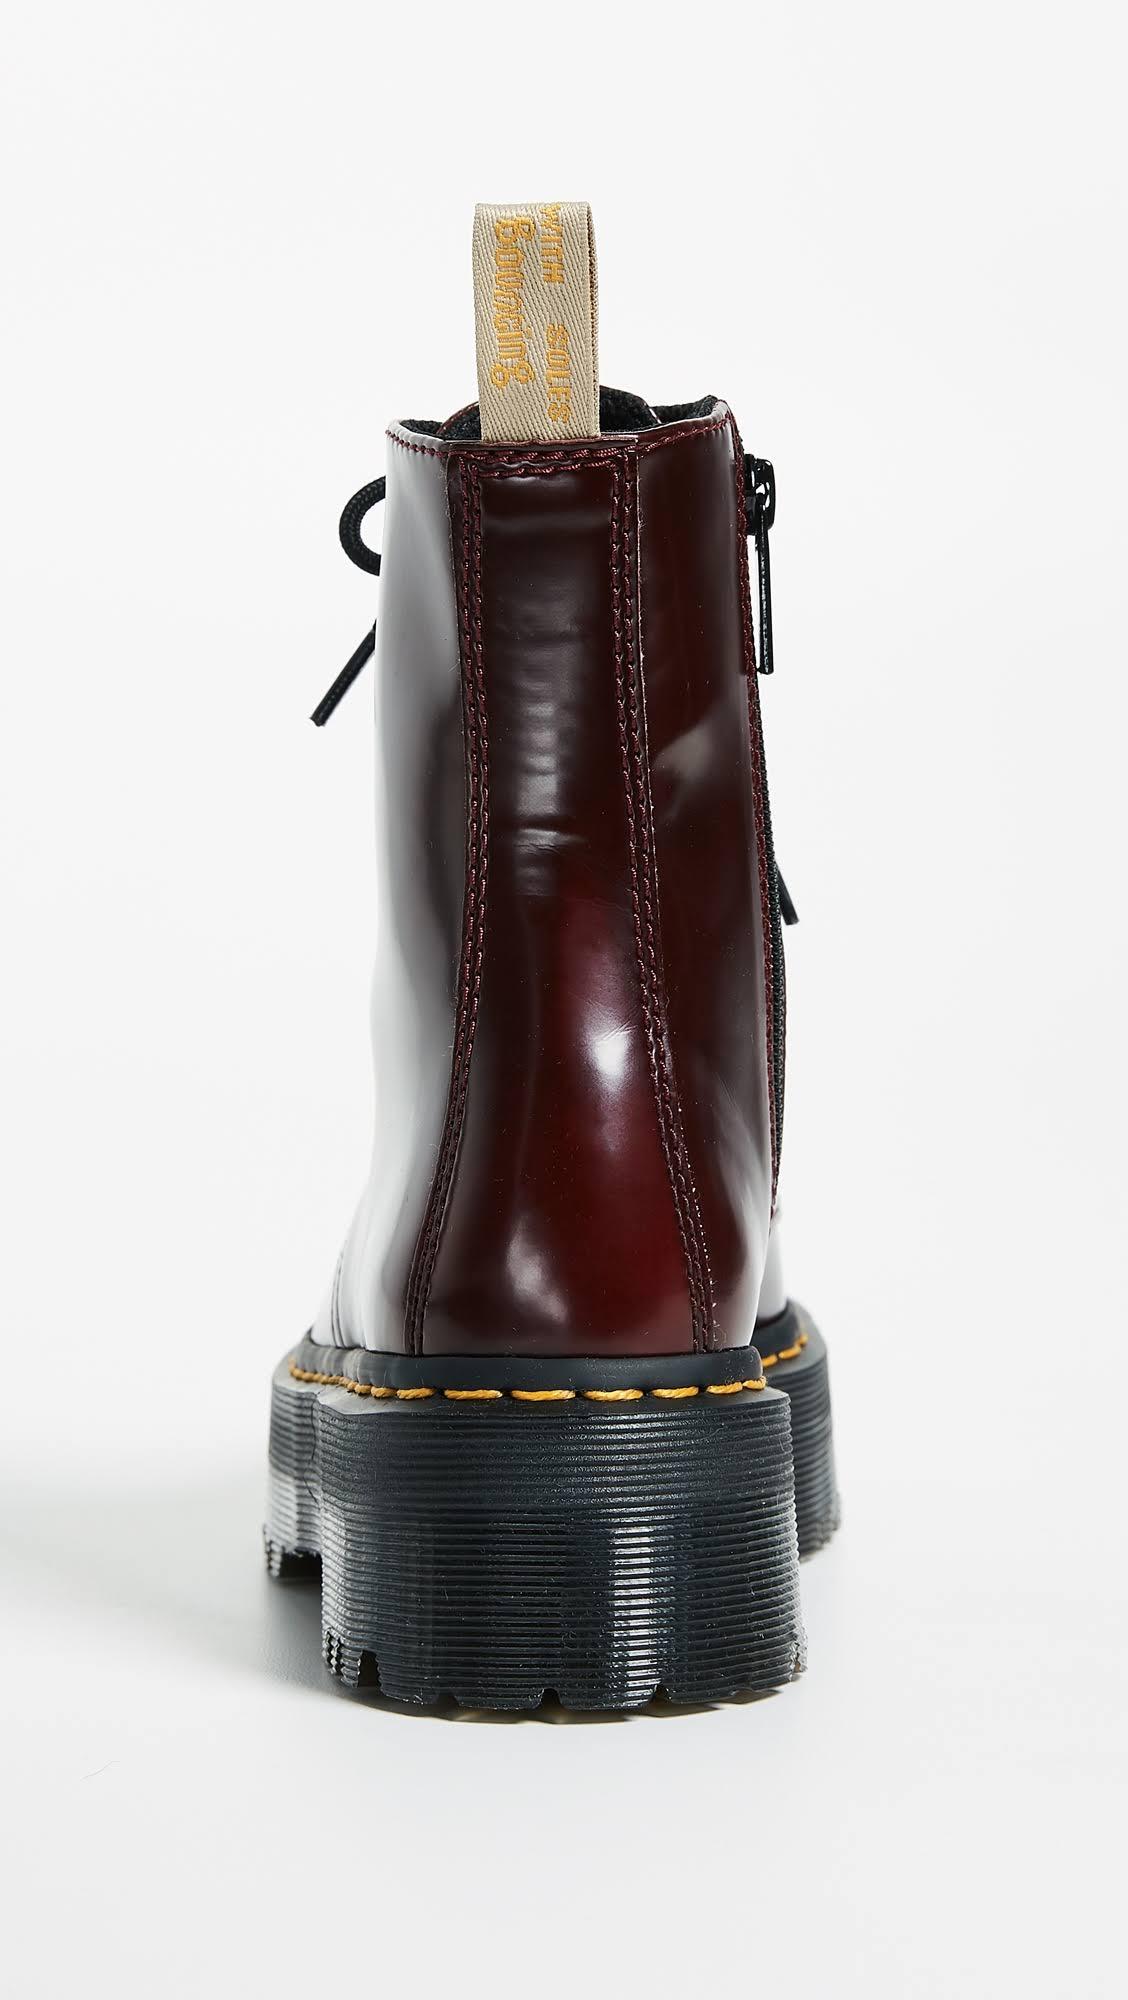 Eye 10 Ii Jadon DrMartens Boots V Red 8 Cherry QCrBshdxt